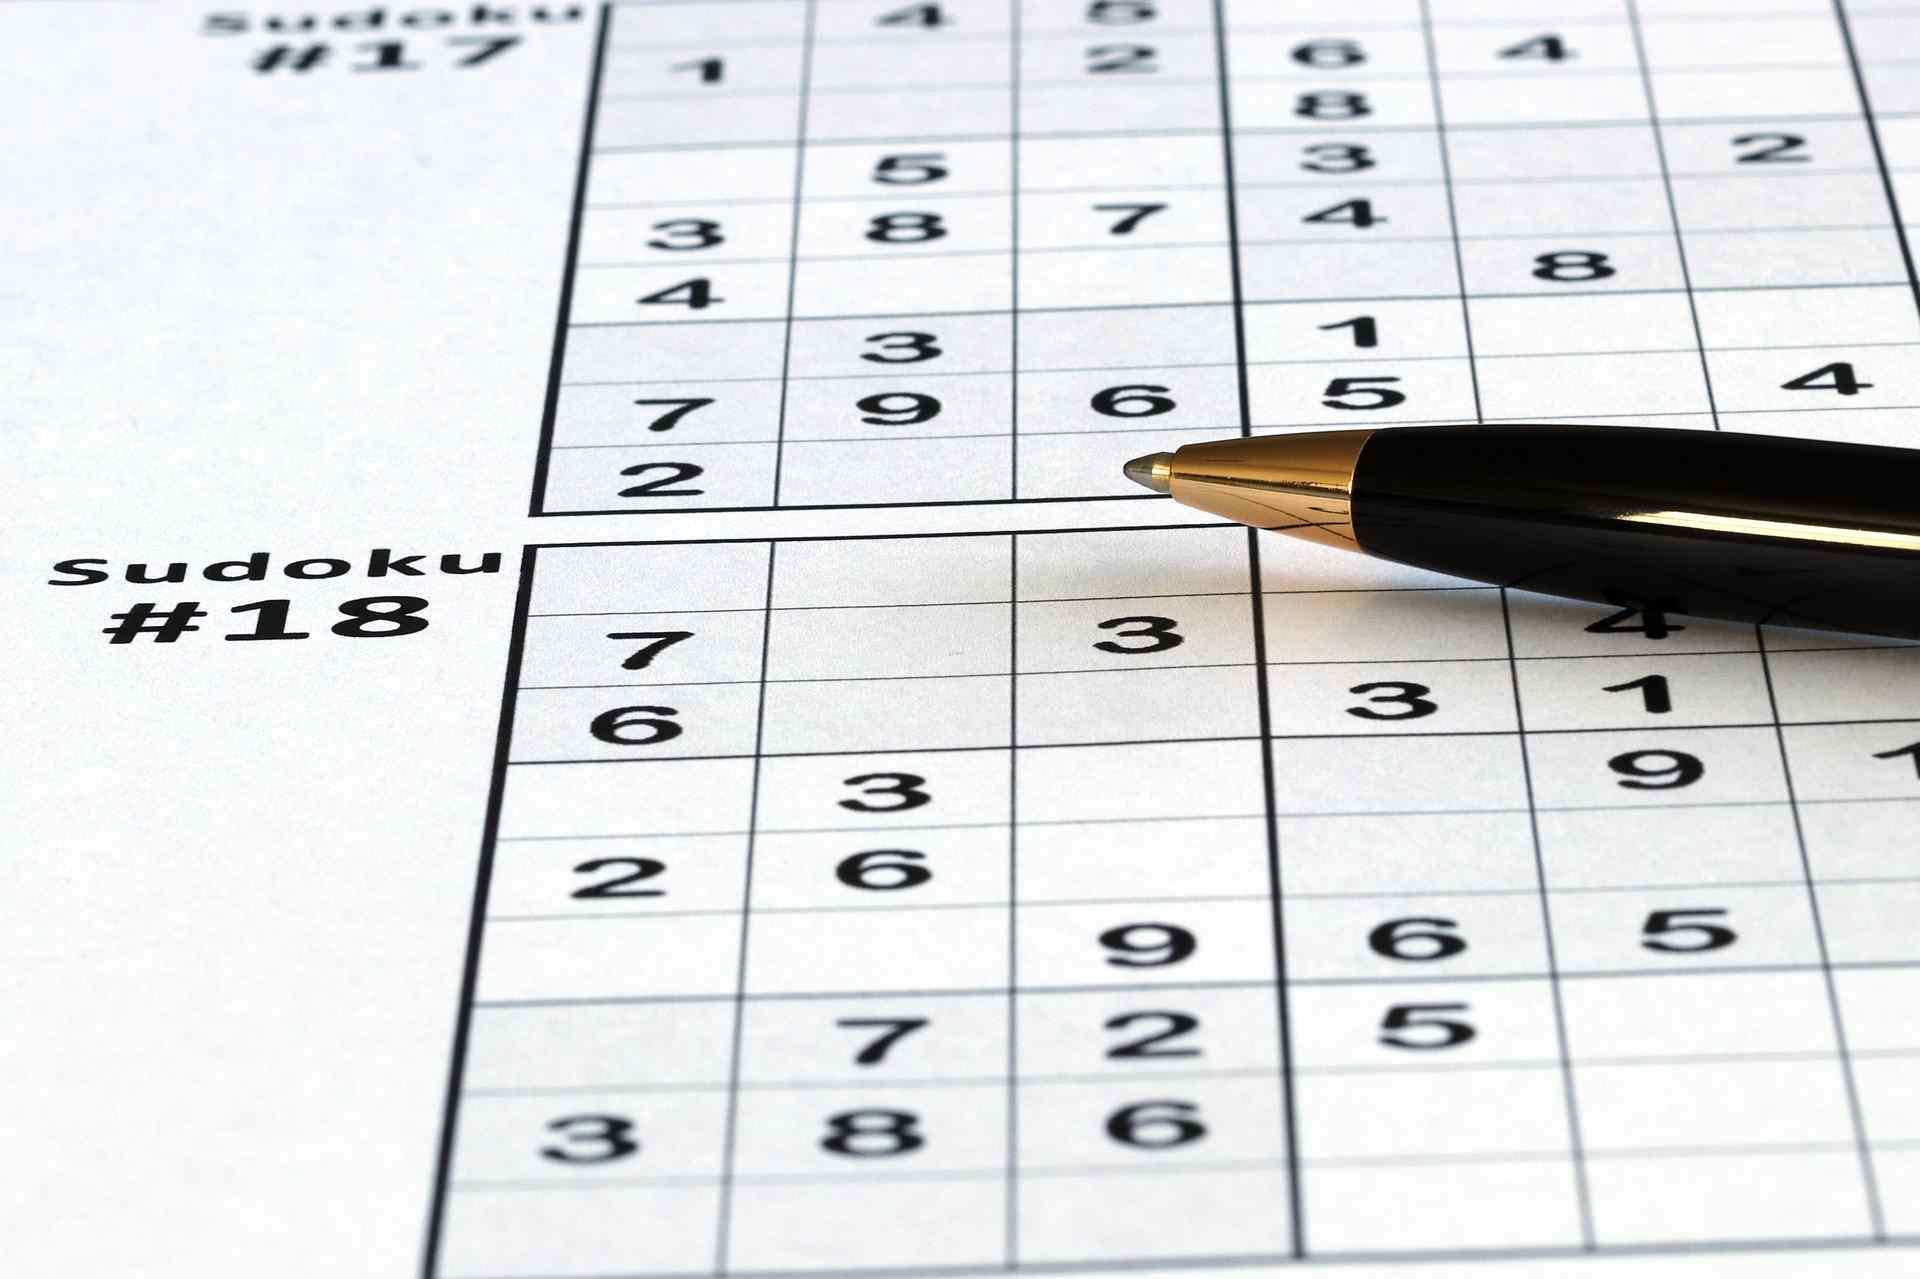 spielanleitung von sudoku